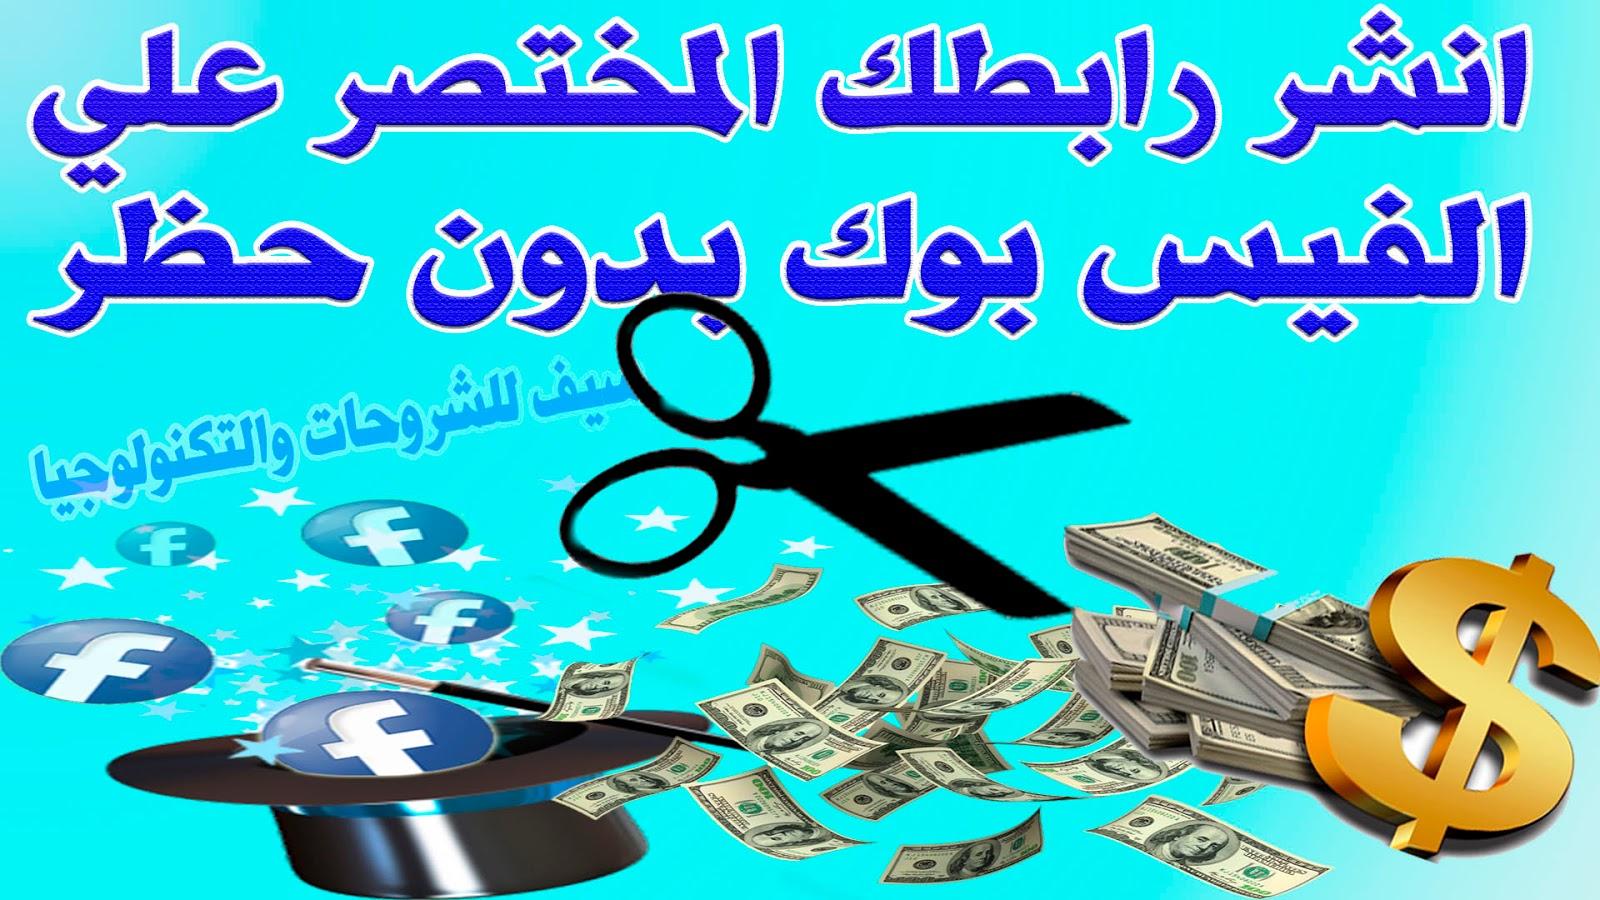 طريقة نشر الروابط المختصرة علي الفيس بوك والربح منها بدون حظر او برامج وبكل سهولة